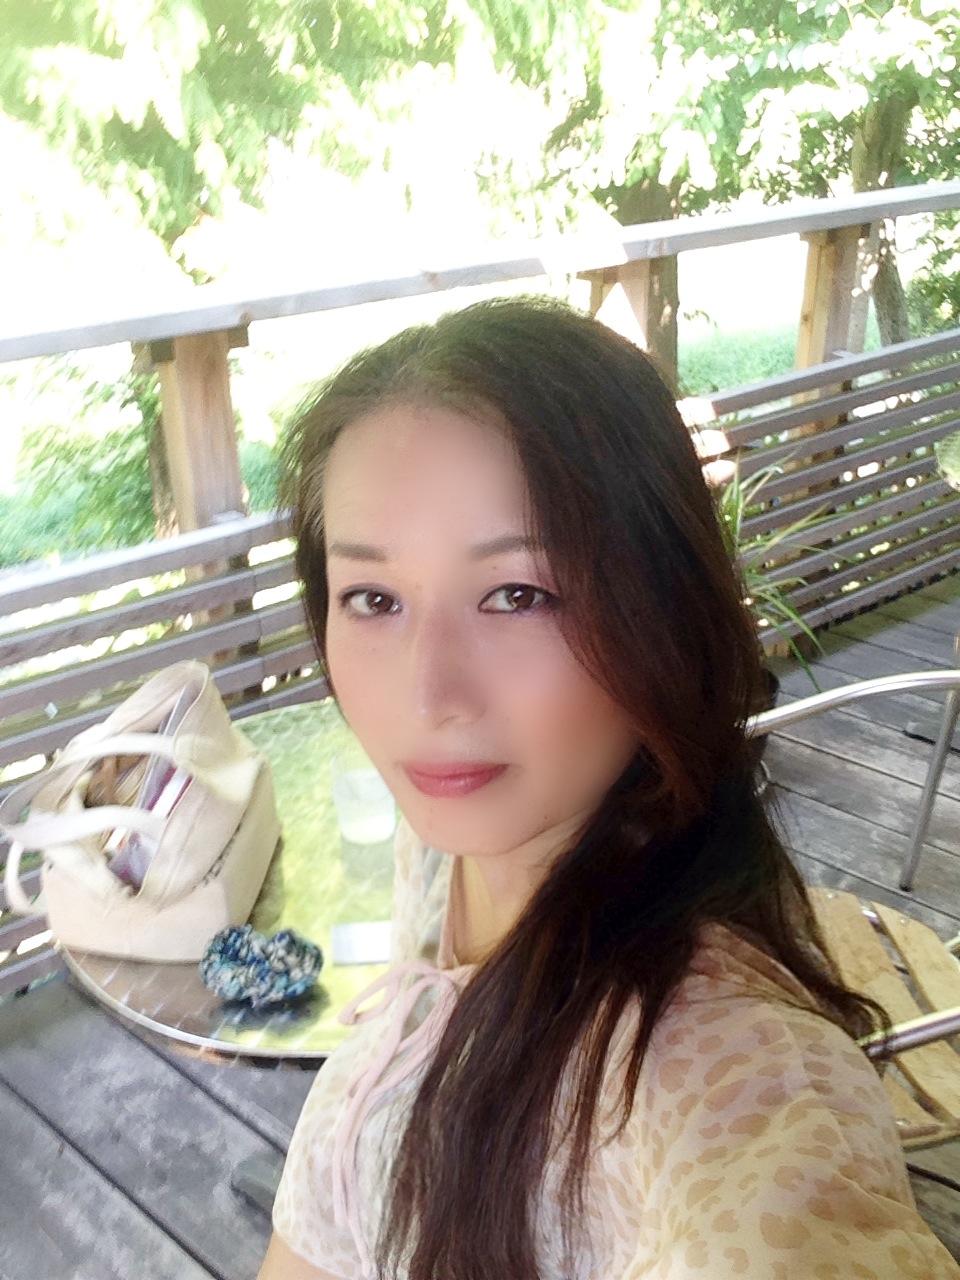 熟女NHヘルス孃・レディー舞の袖振り合うも他生の縁|9月17日(水)黒髪にしてまた栃木県小山におります。